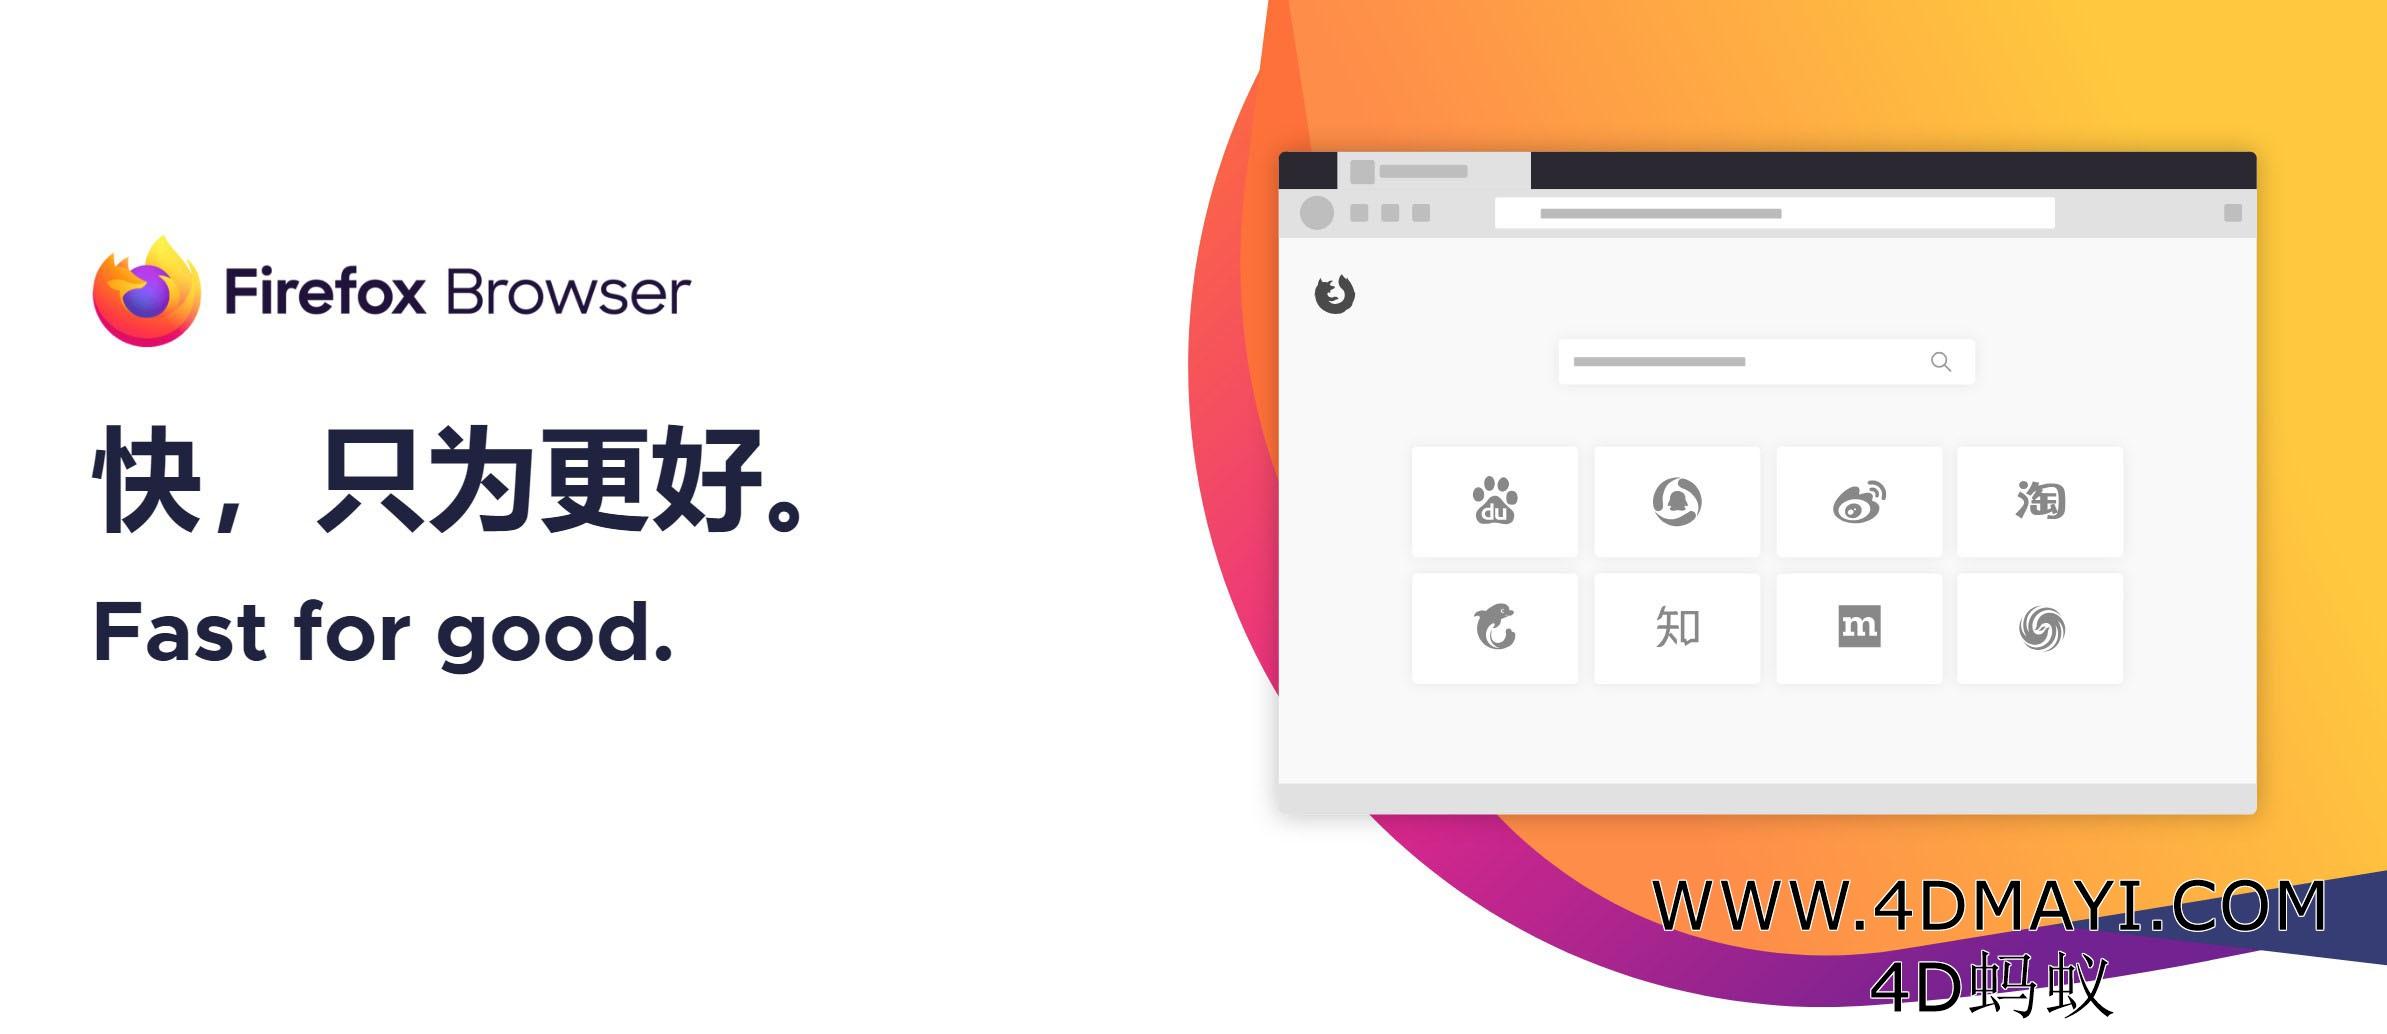 火狐浏览器 Firefox v70.0 官方正式版